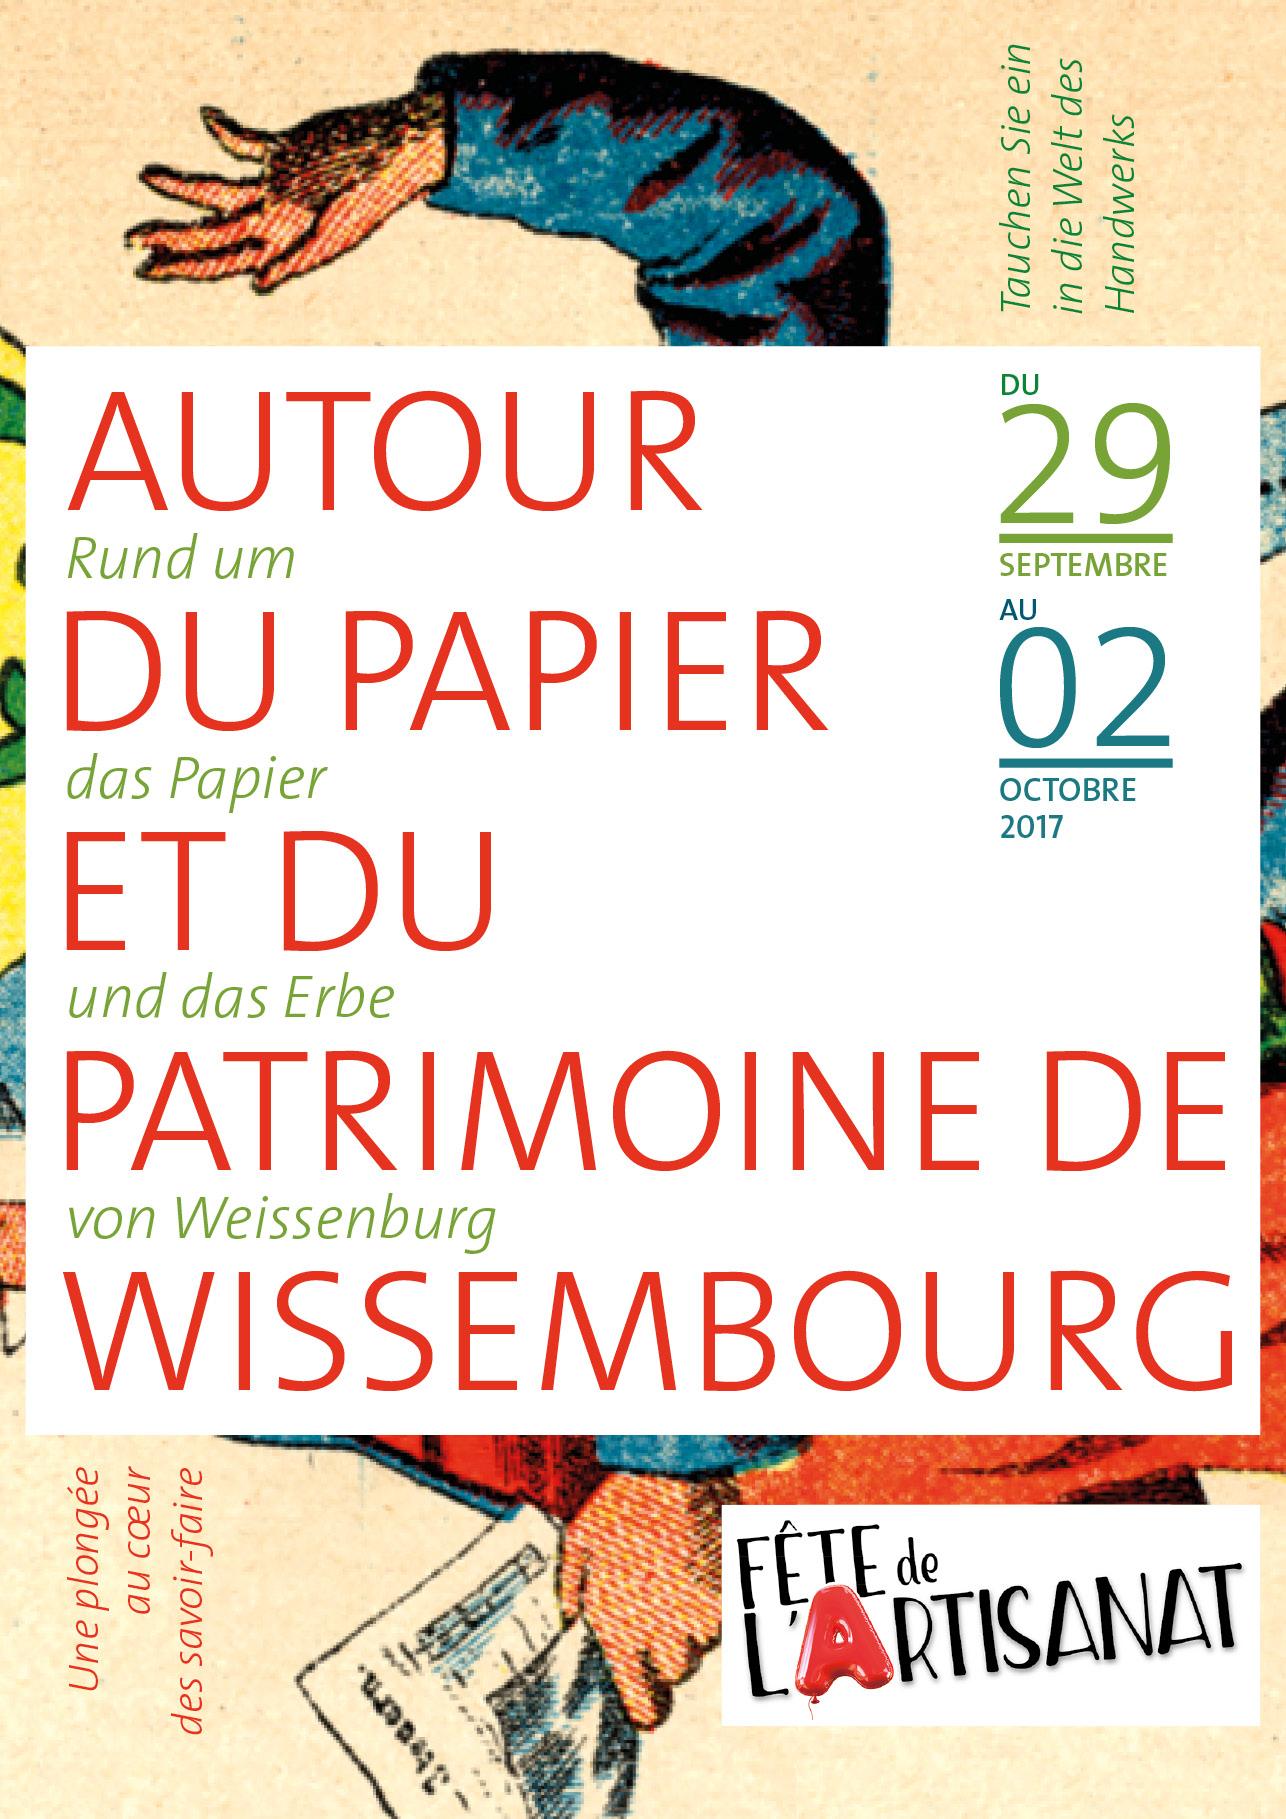 Autour du Papier et du Patrimone de Wissembourg